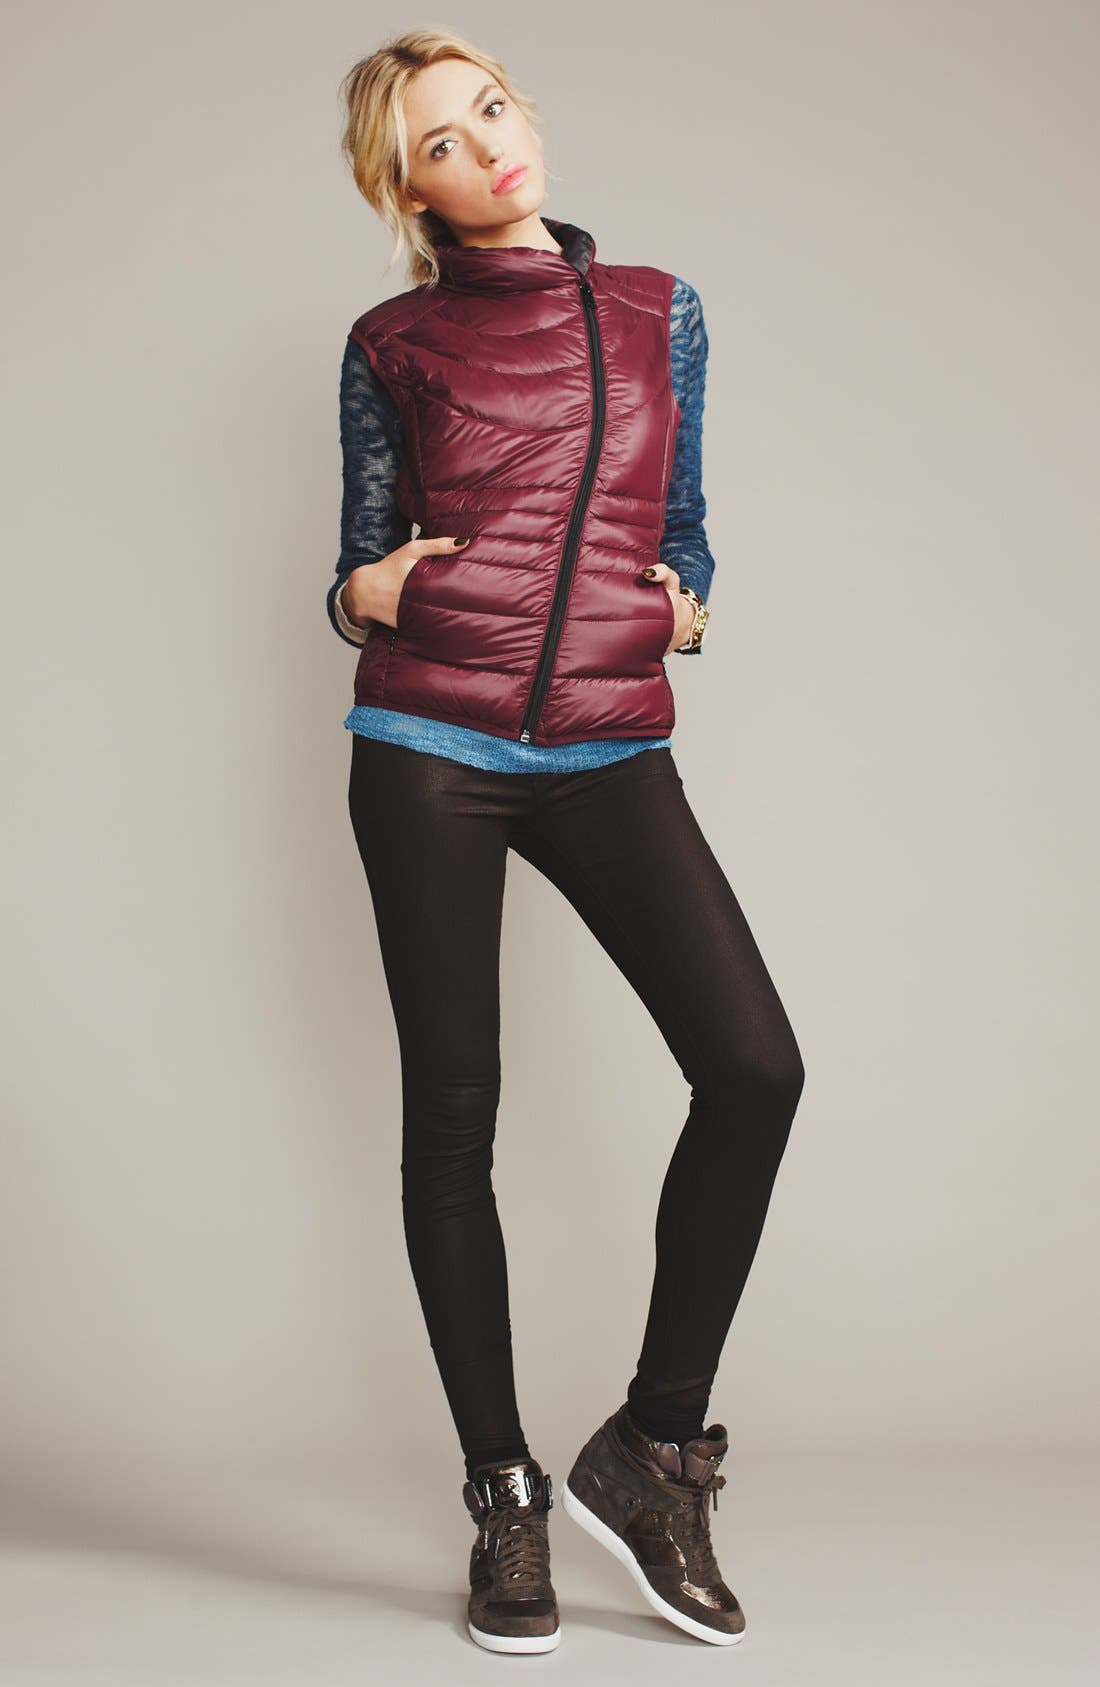 Alternate Image 1 Selected - Bernardo Down Vest, Kensie Sweaters & J Brand Skinny Jeans